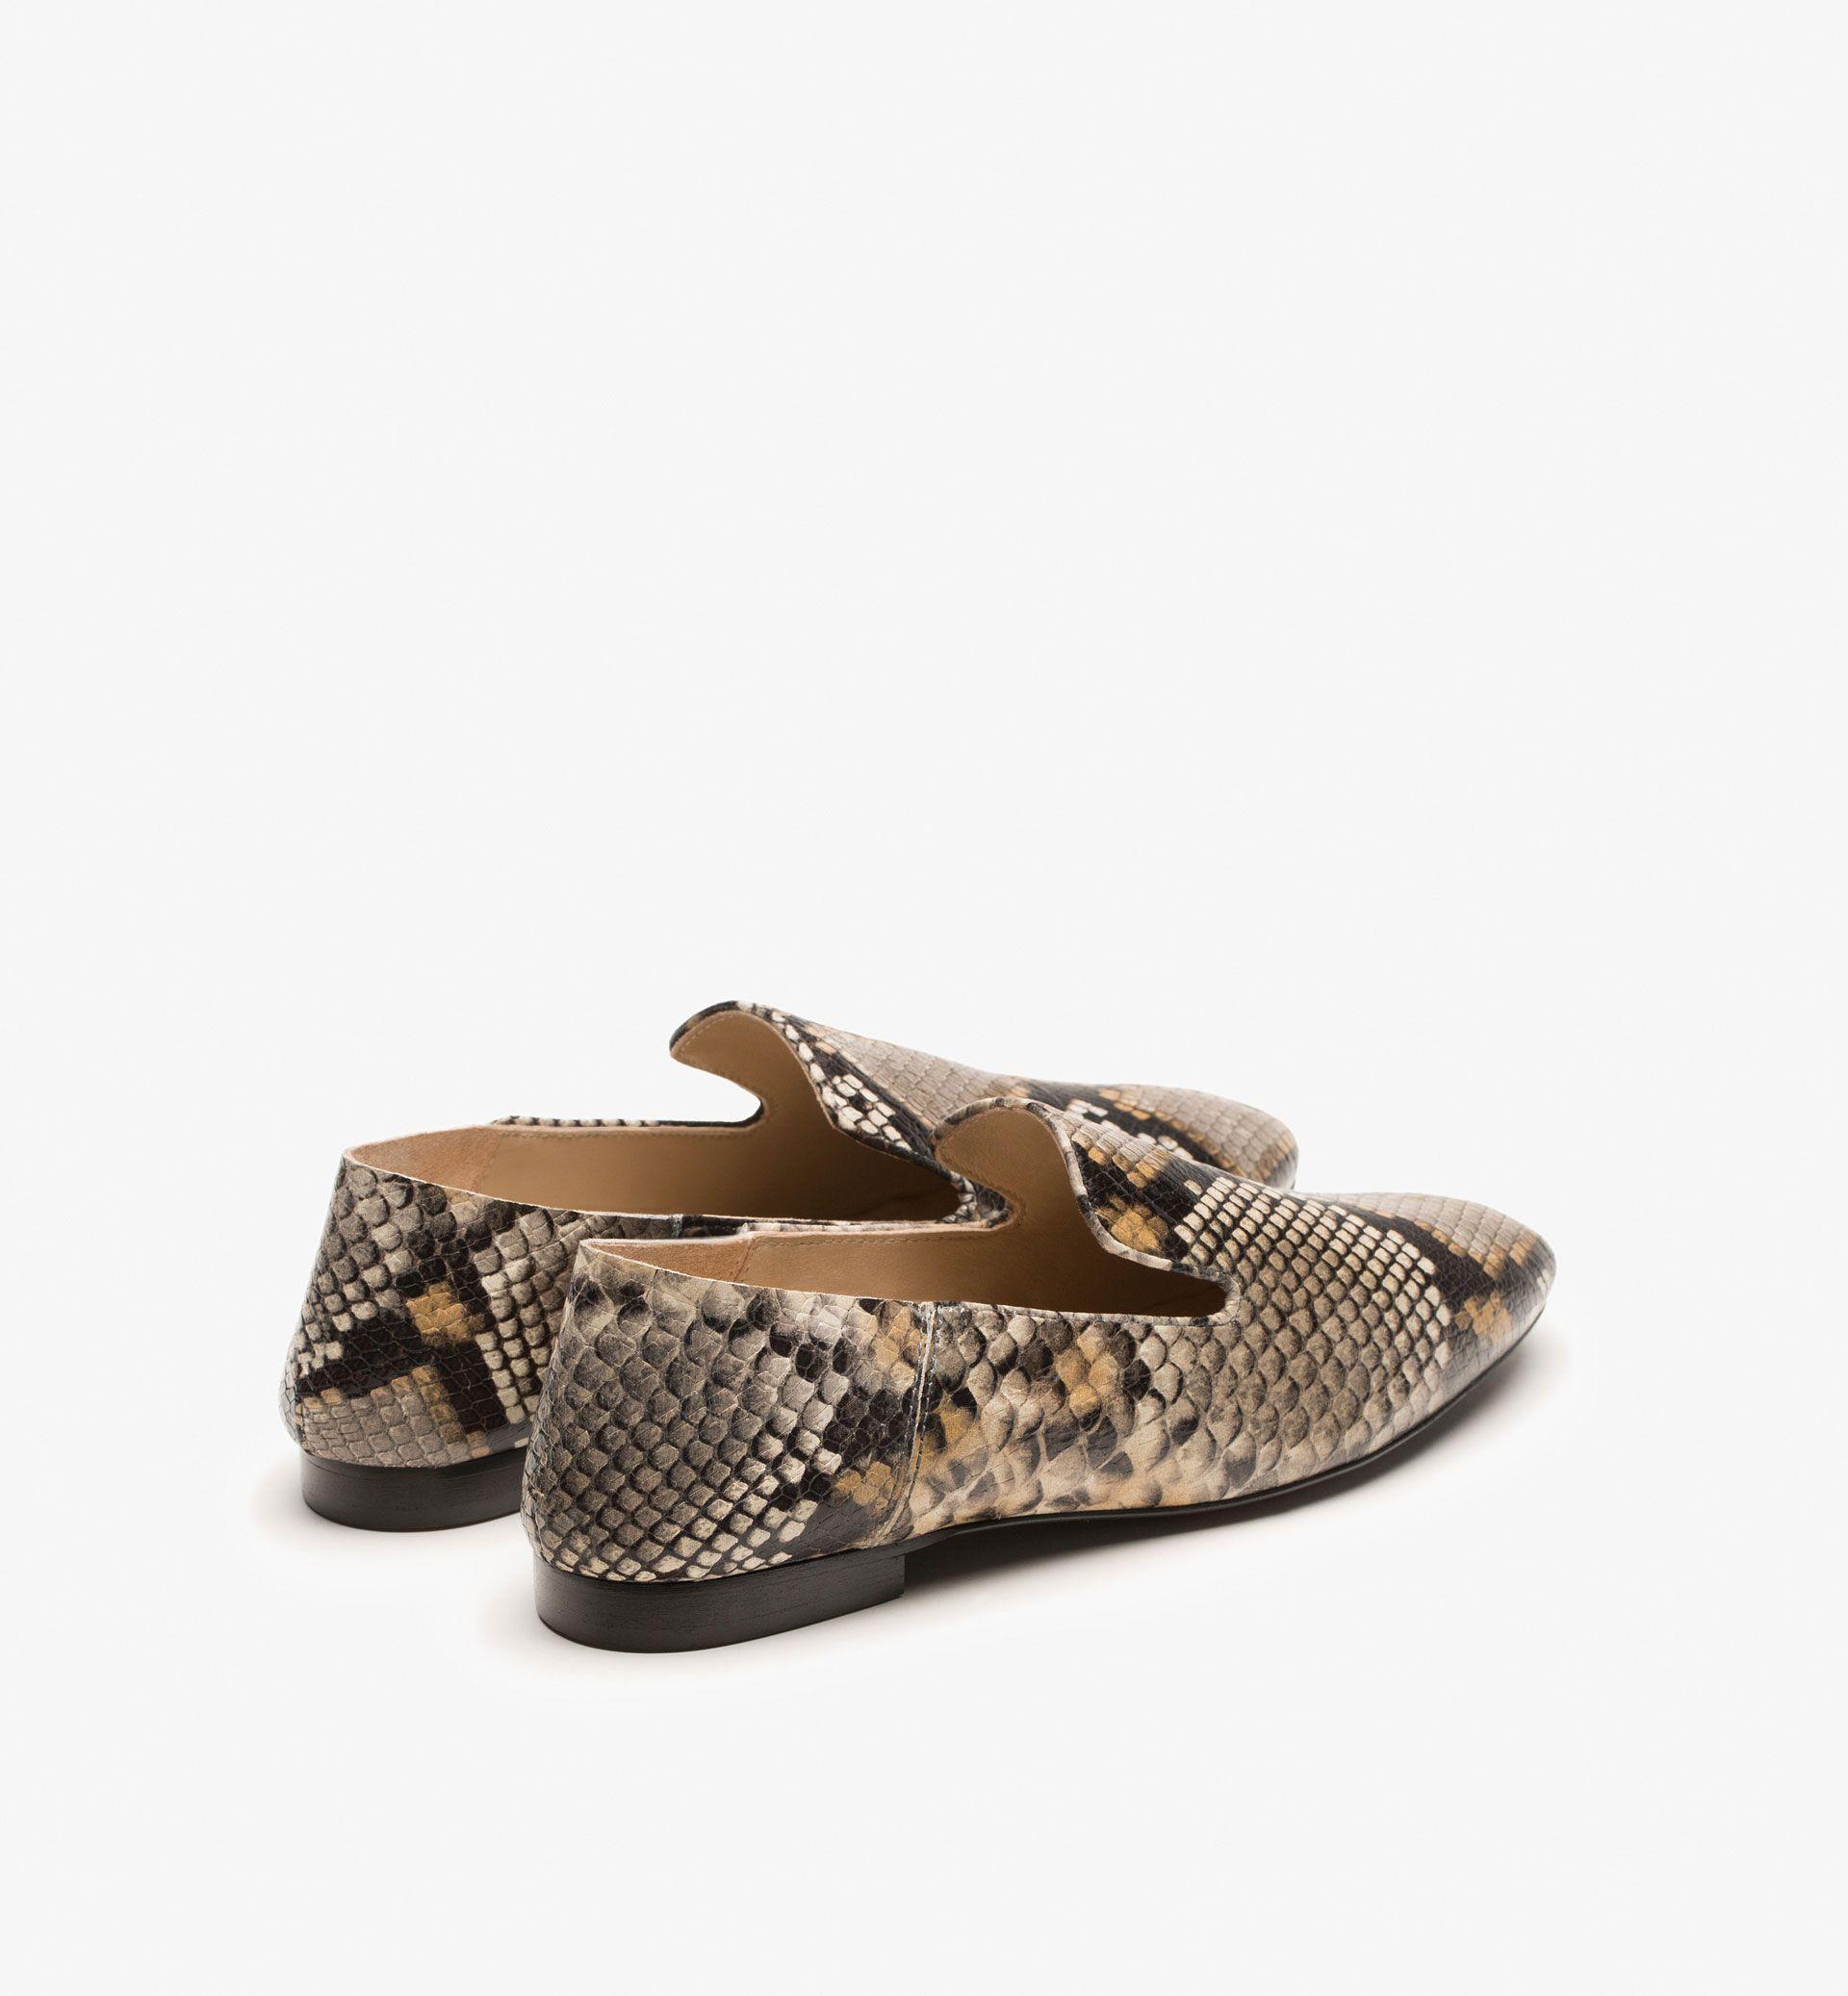 Calzado Al Sandalia De EntretiempoLa Zapatos Otoño 20 5ARc4qS3jL